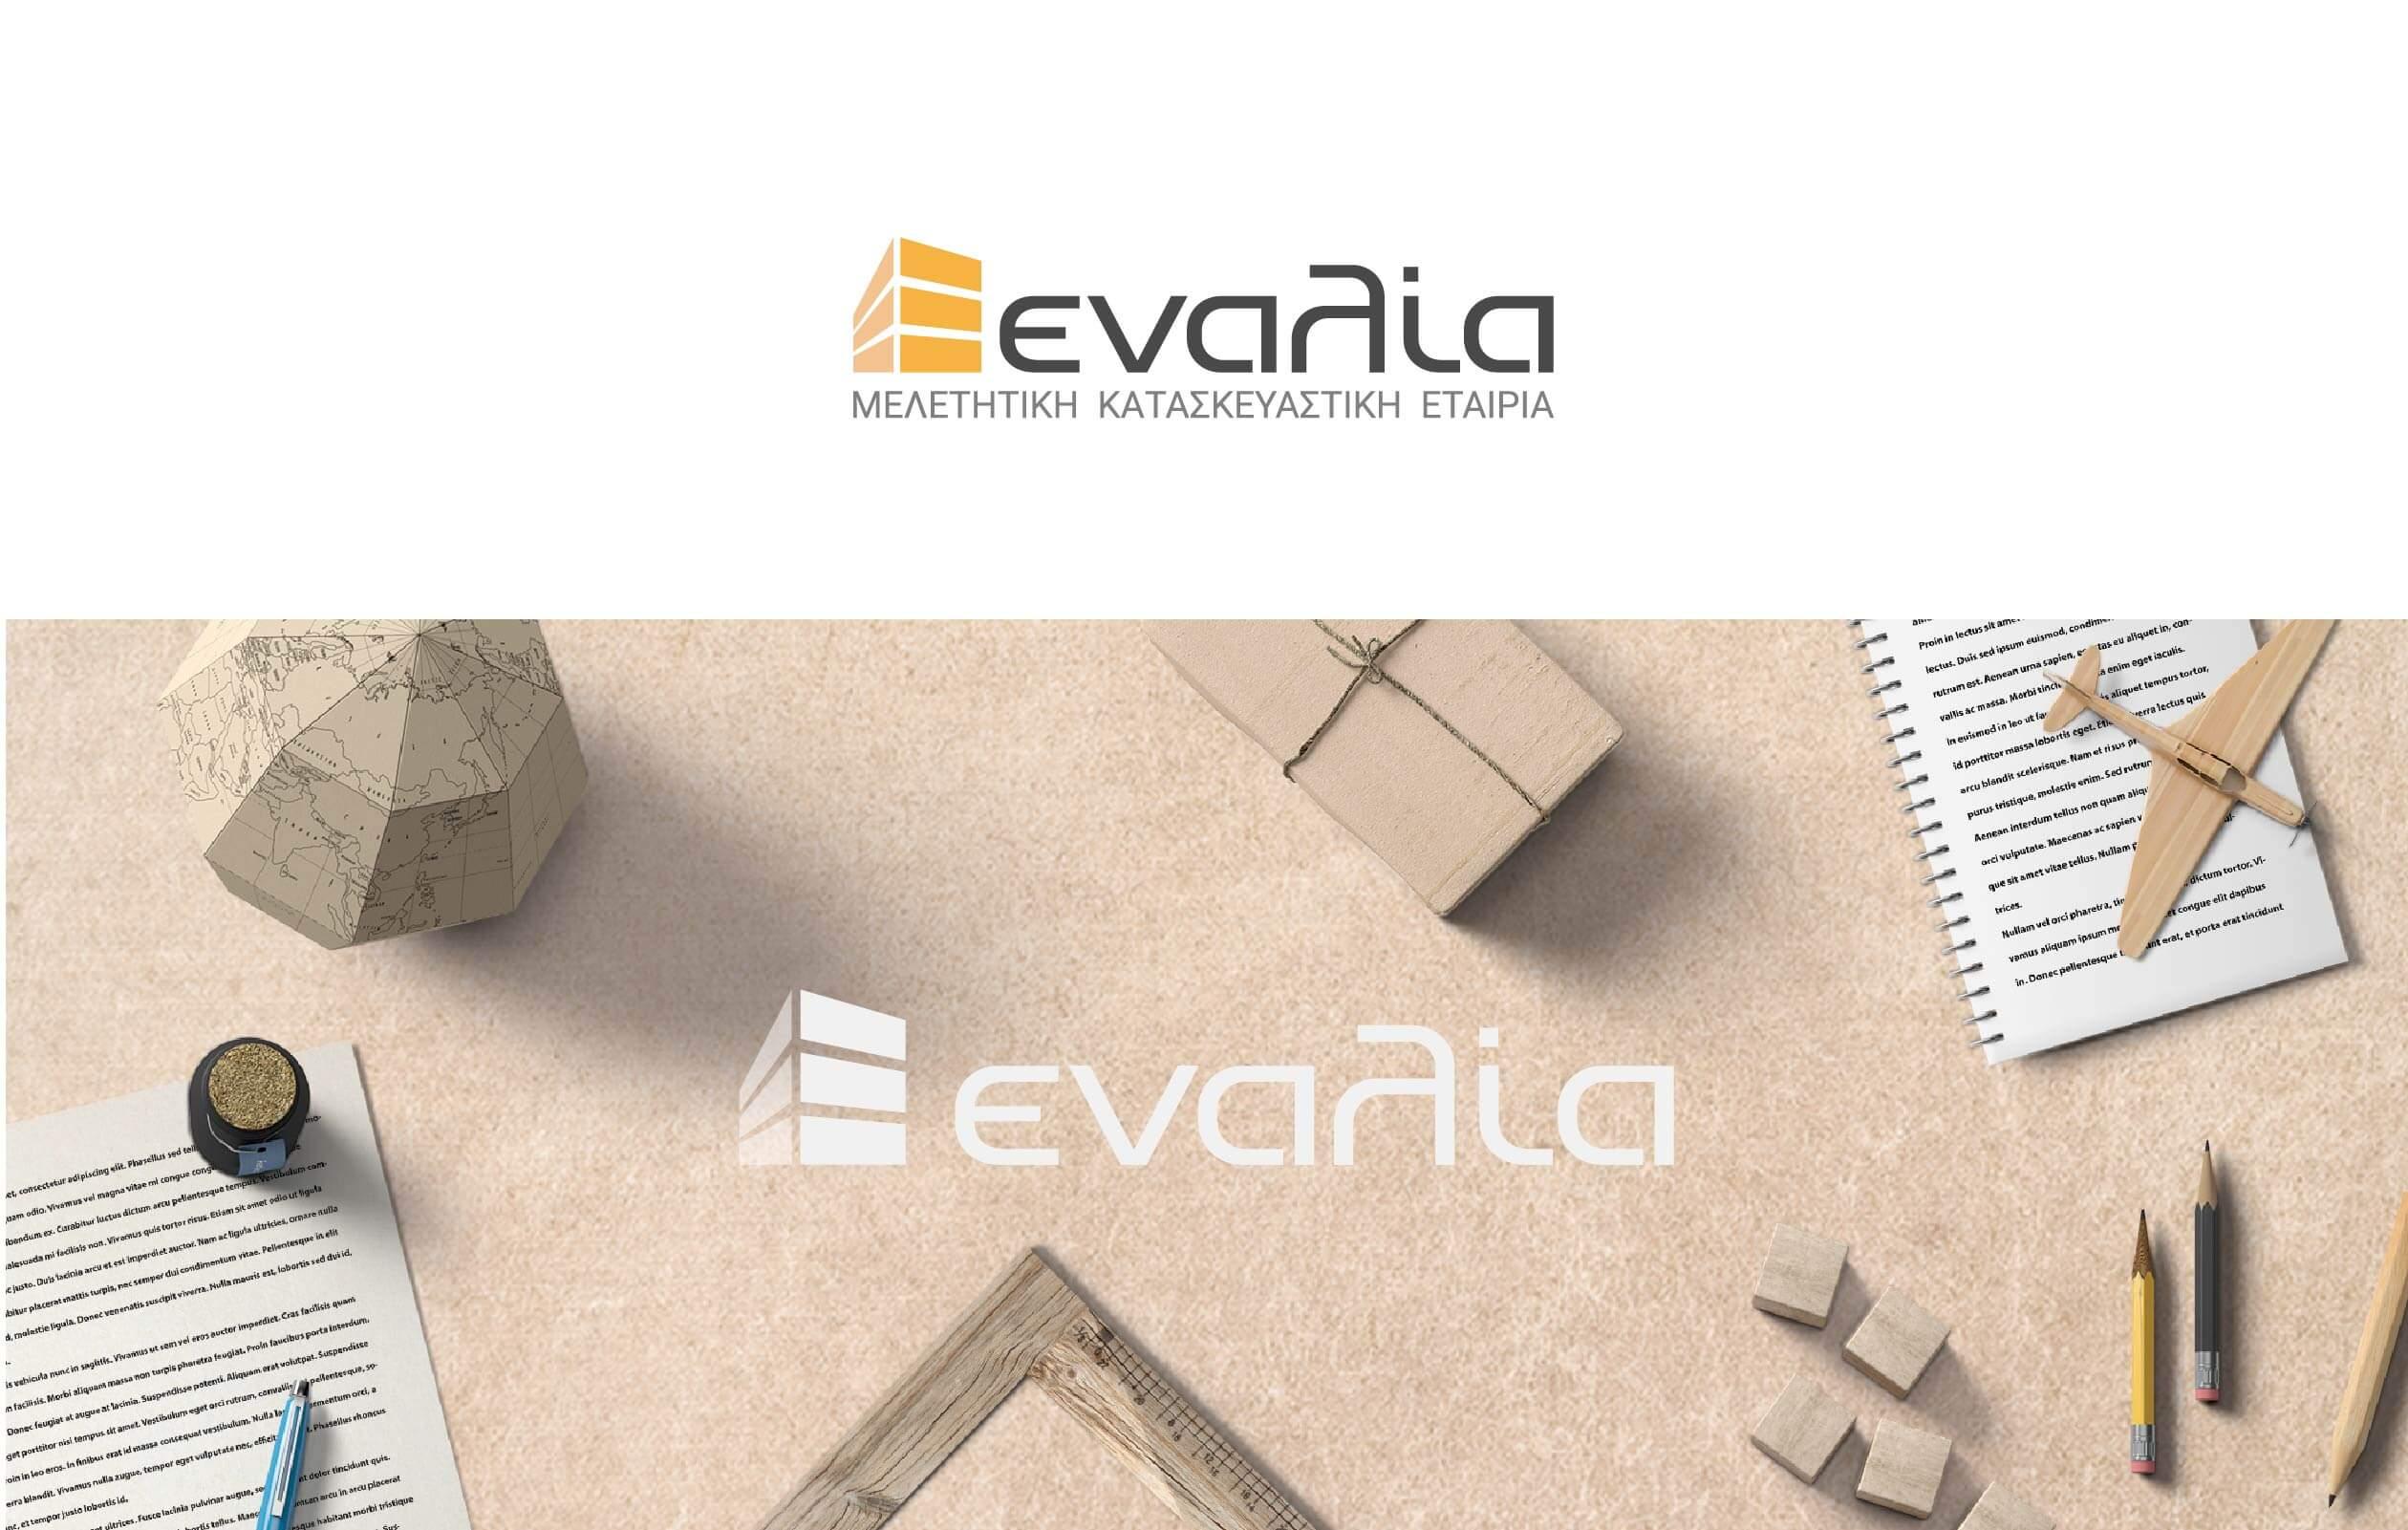 enalia-01